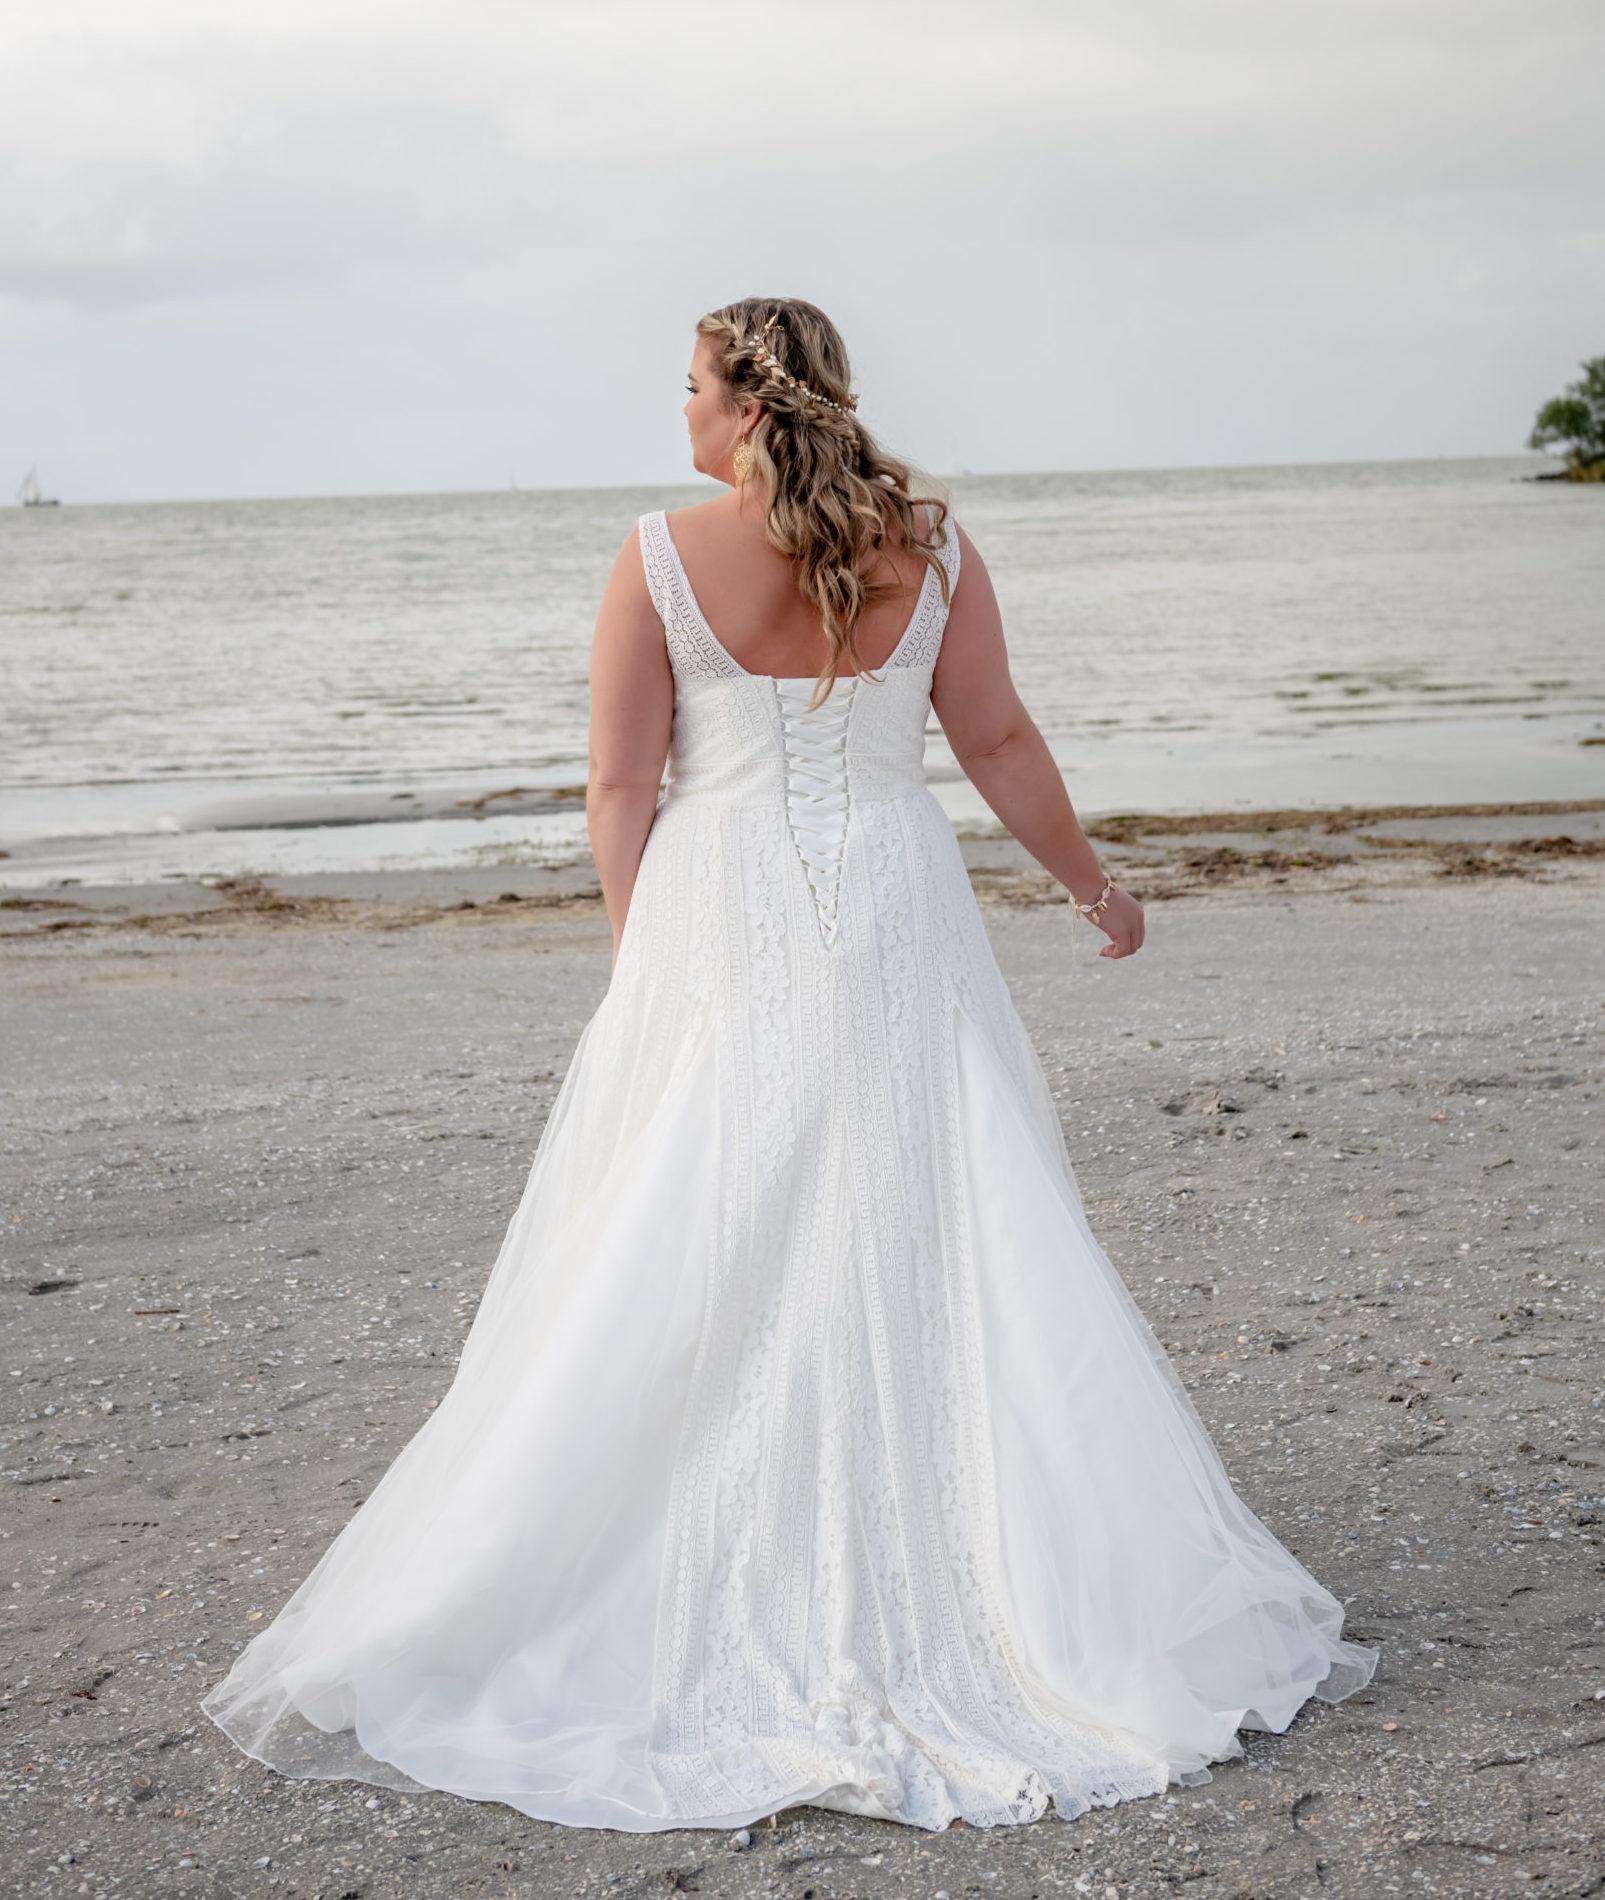 brautatelier ried-curvy bride collection-bridalstar-Gigi-ruecken-1